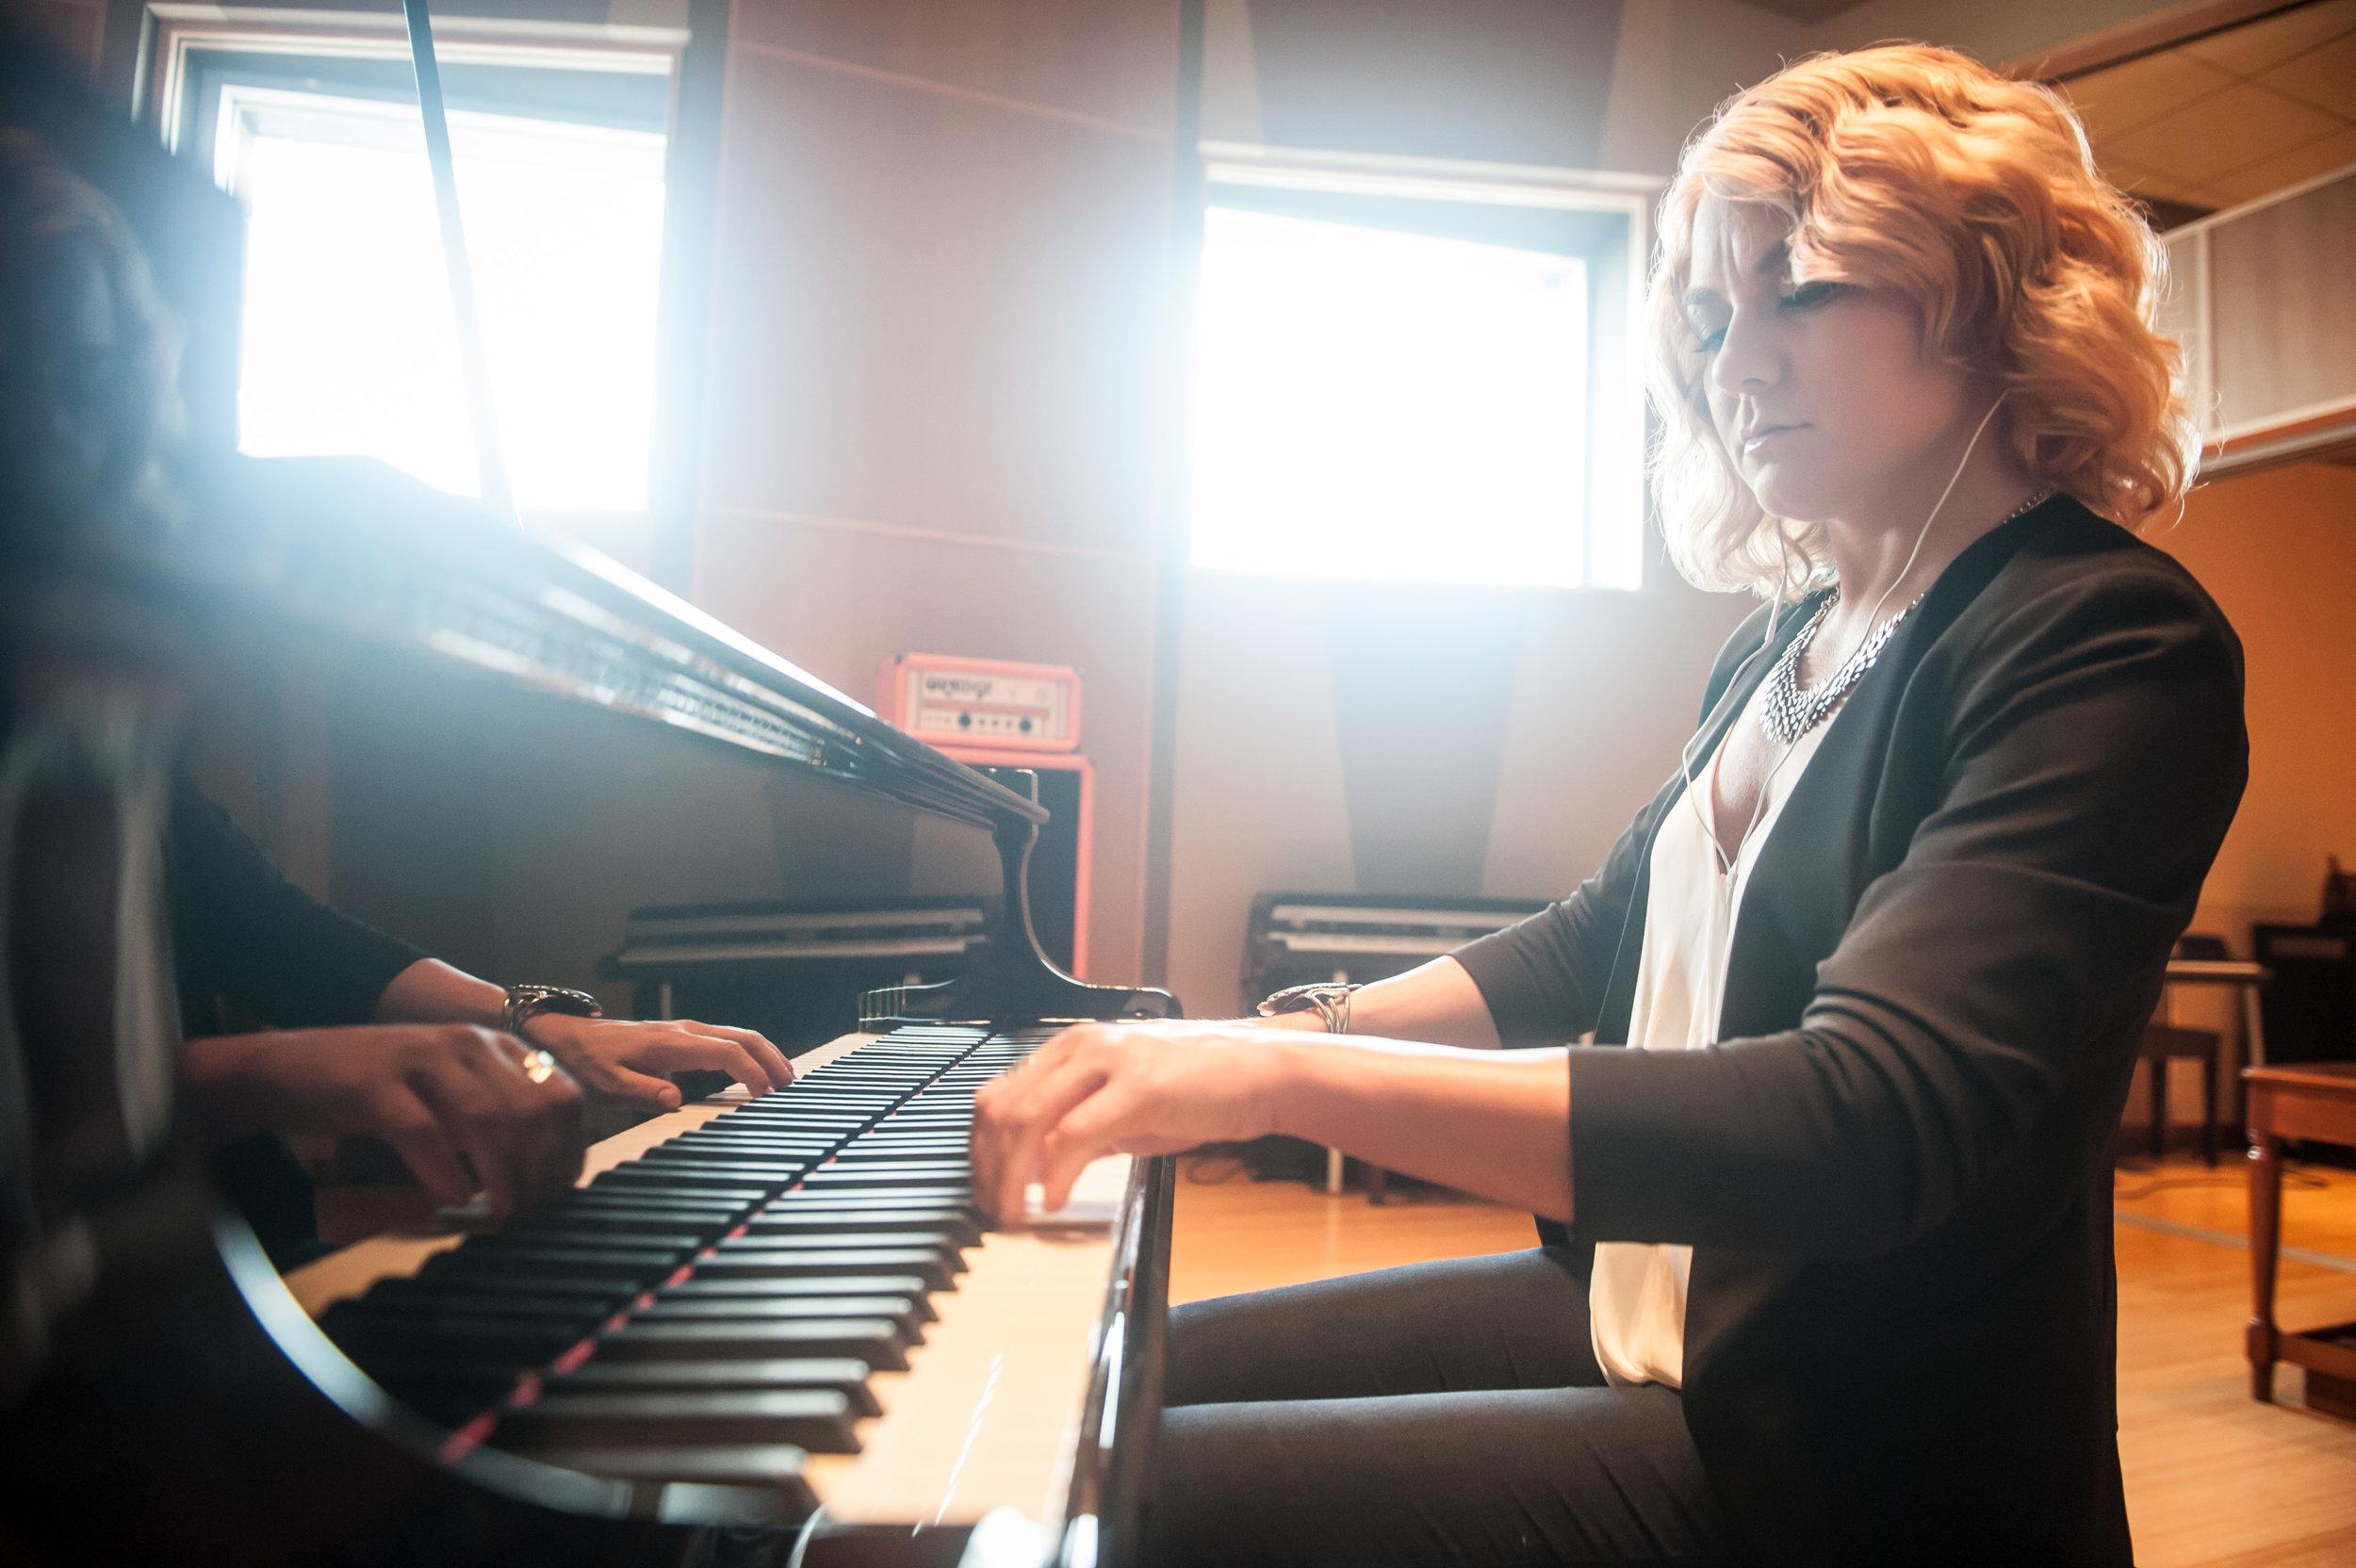 Alicia Pyle at the piano